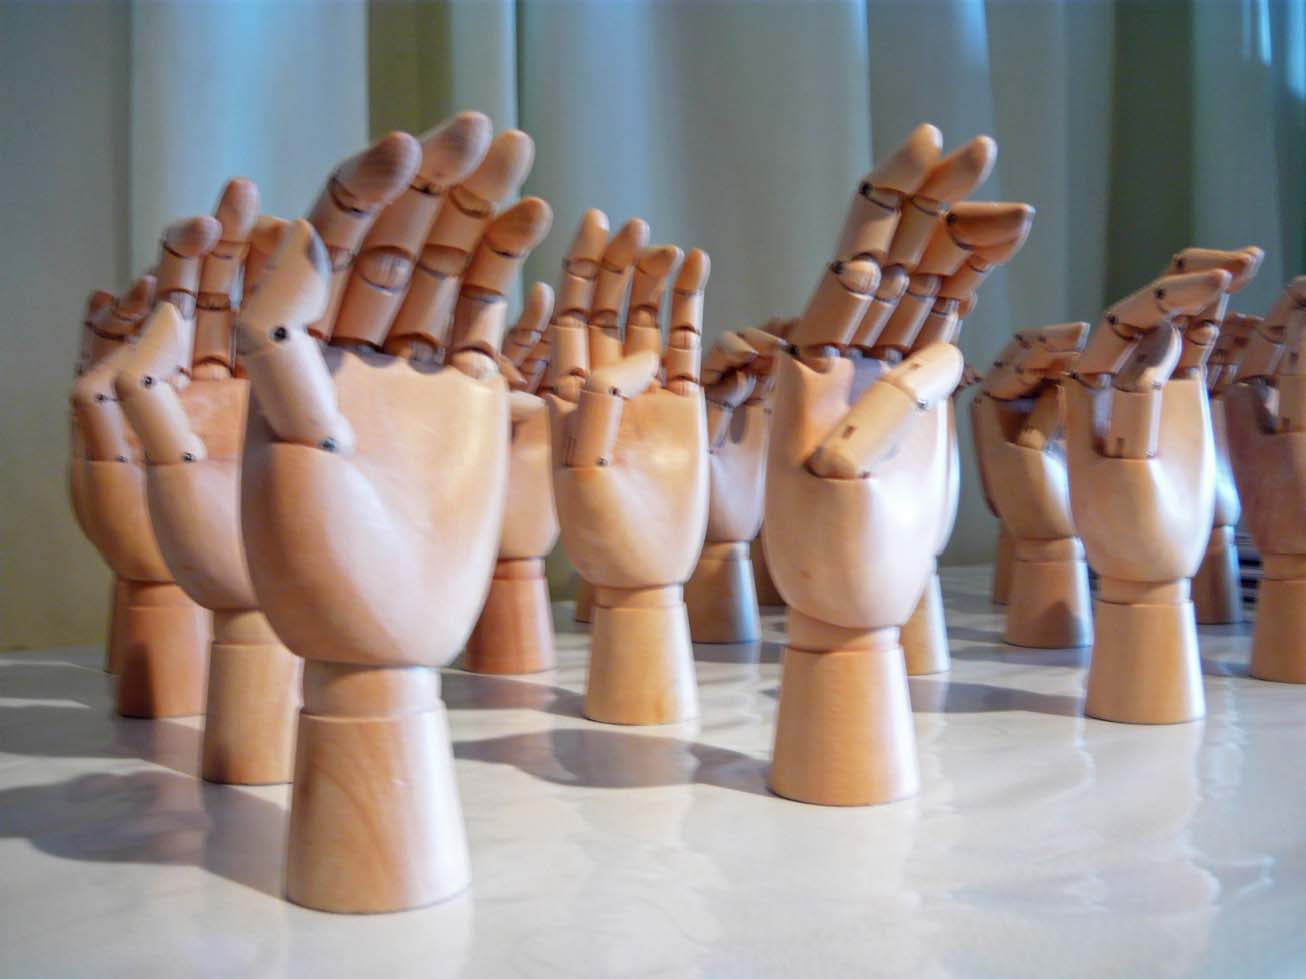 Evento Roche - El arte está en tus manos - 2010